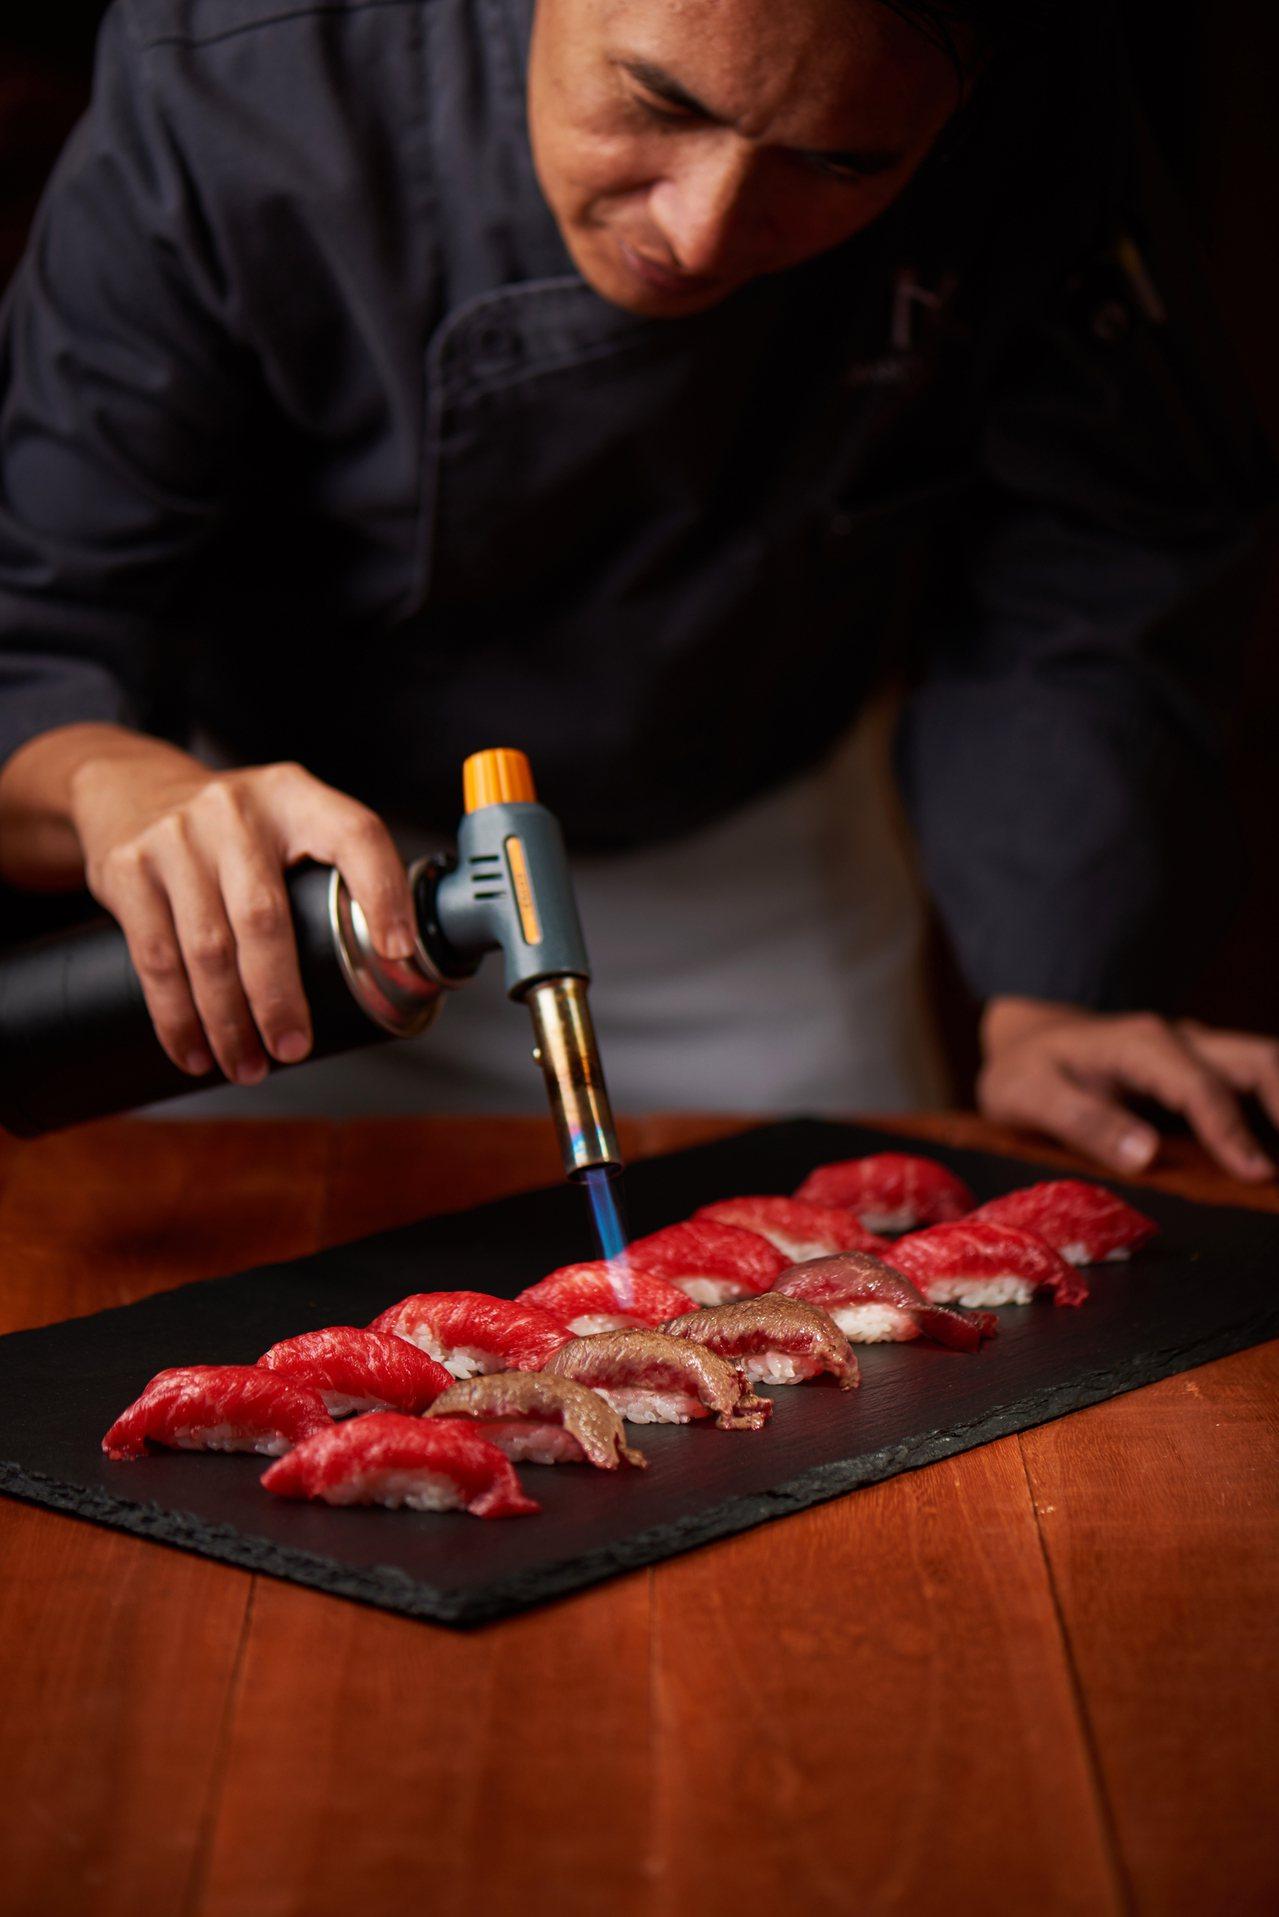 美福飯店彩匯自助餐主廚謝金龍炙燒和牛握壽司。圖/美福提供